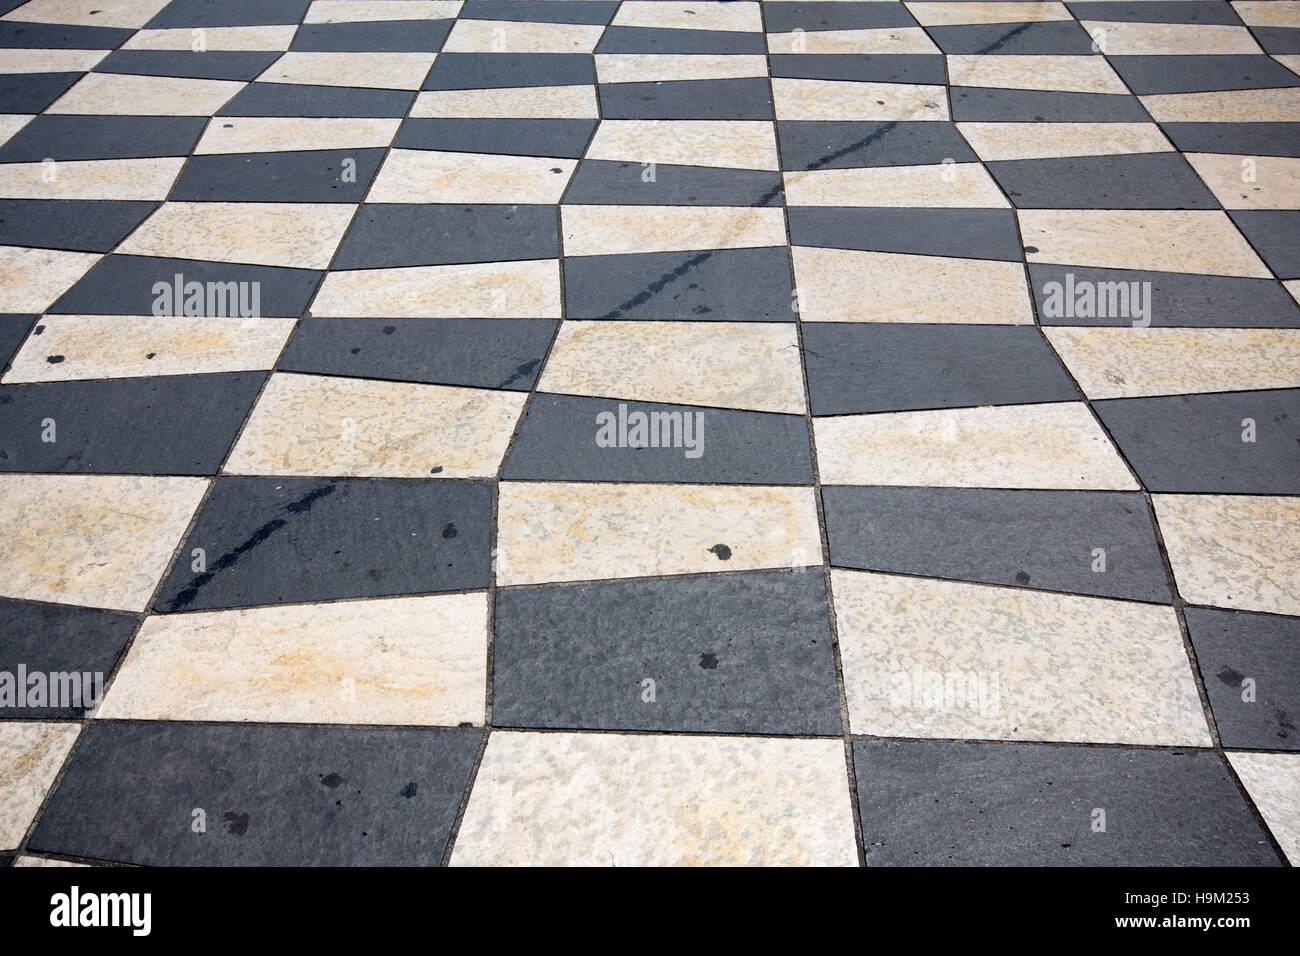 Fußboden Fliesen Schwarz Weiß ~ Schwarz weiß kariert bodenfliesen stockfoto bild alamy